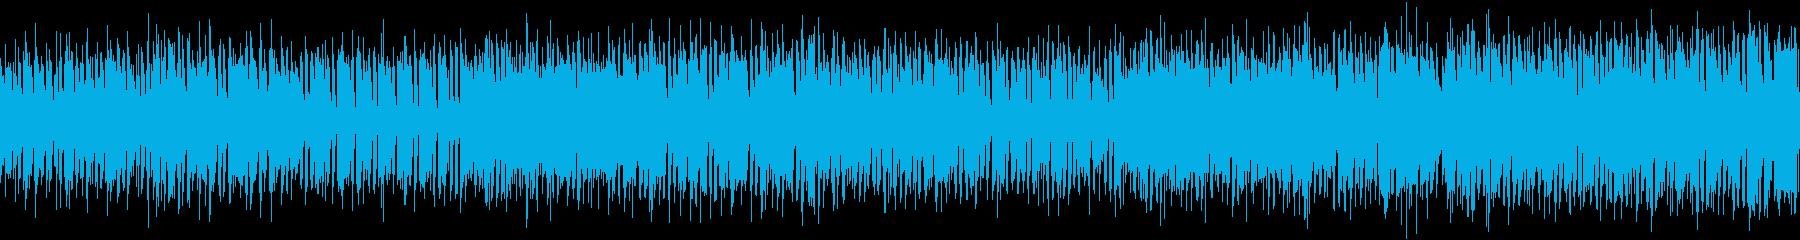 ループ可能な明るく楽しい音楽の再生済みの波形